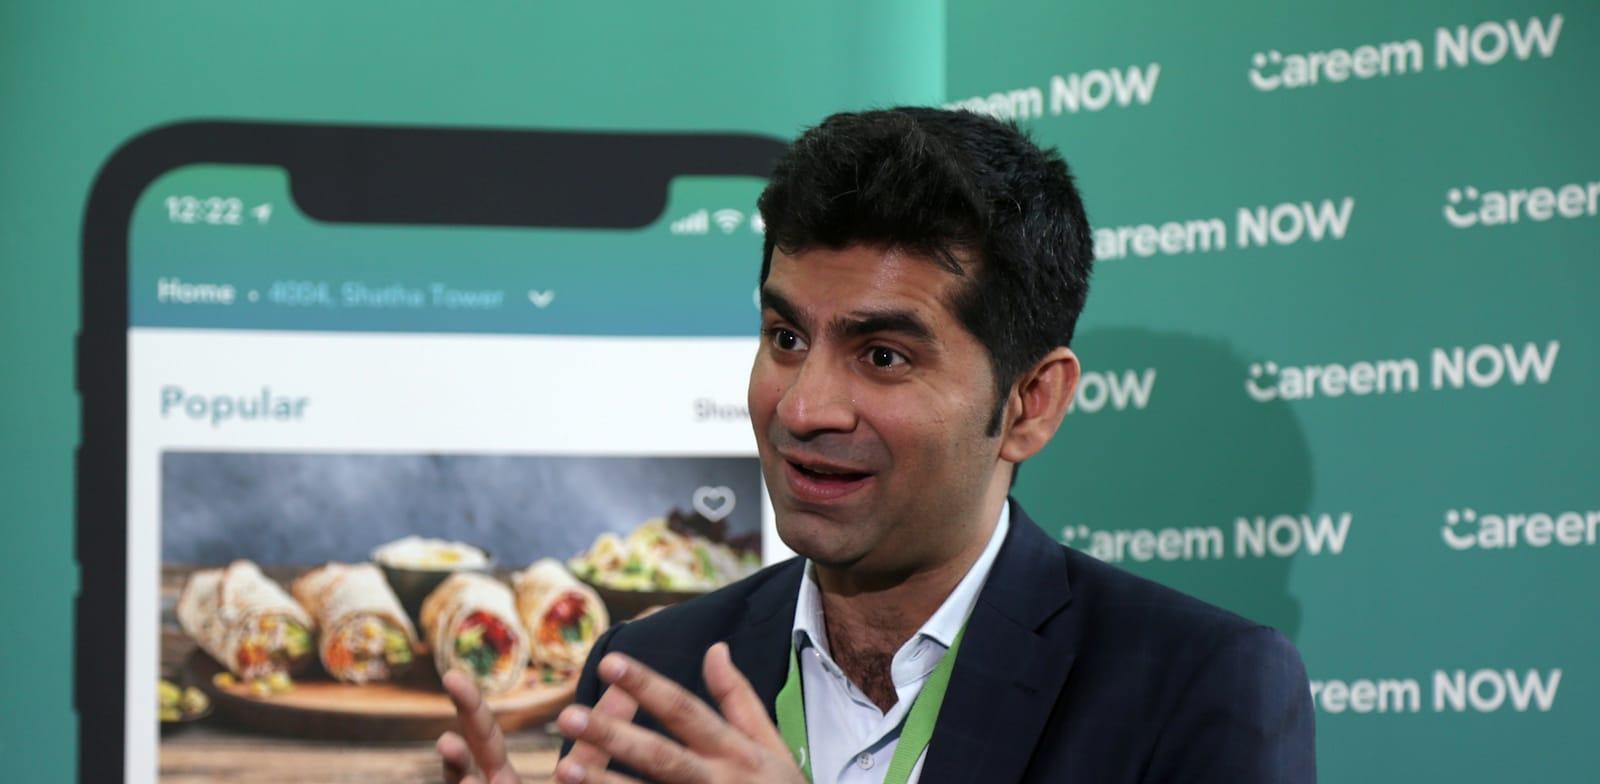 מודסיר שייקה, ממייסדי Careem / צילום: Reuters, Satish Kumar